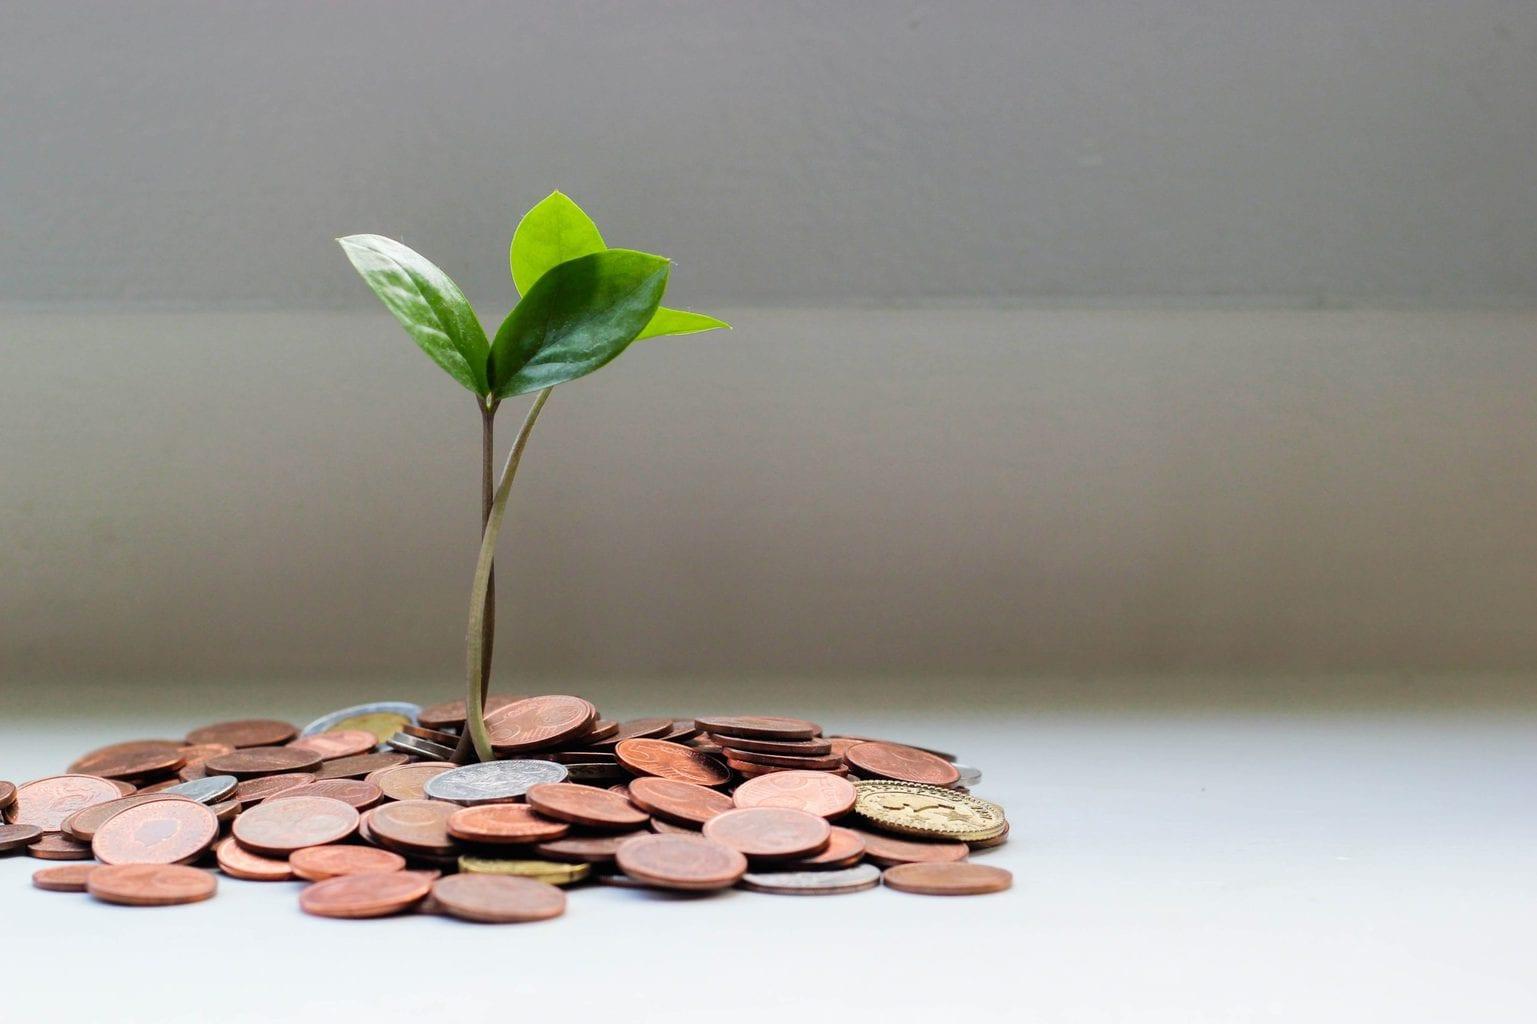 Planta saliendo de monedas, imagen comercial